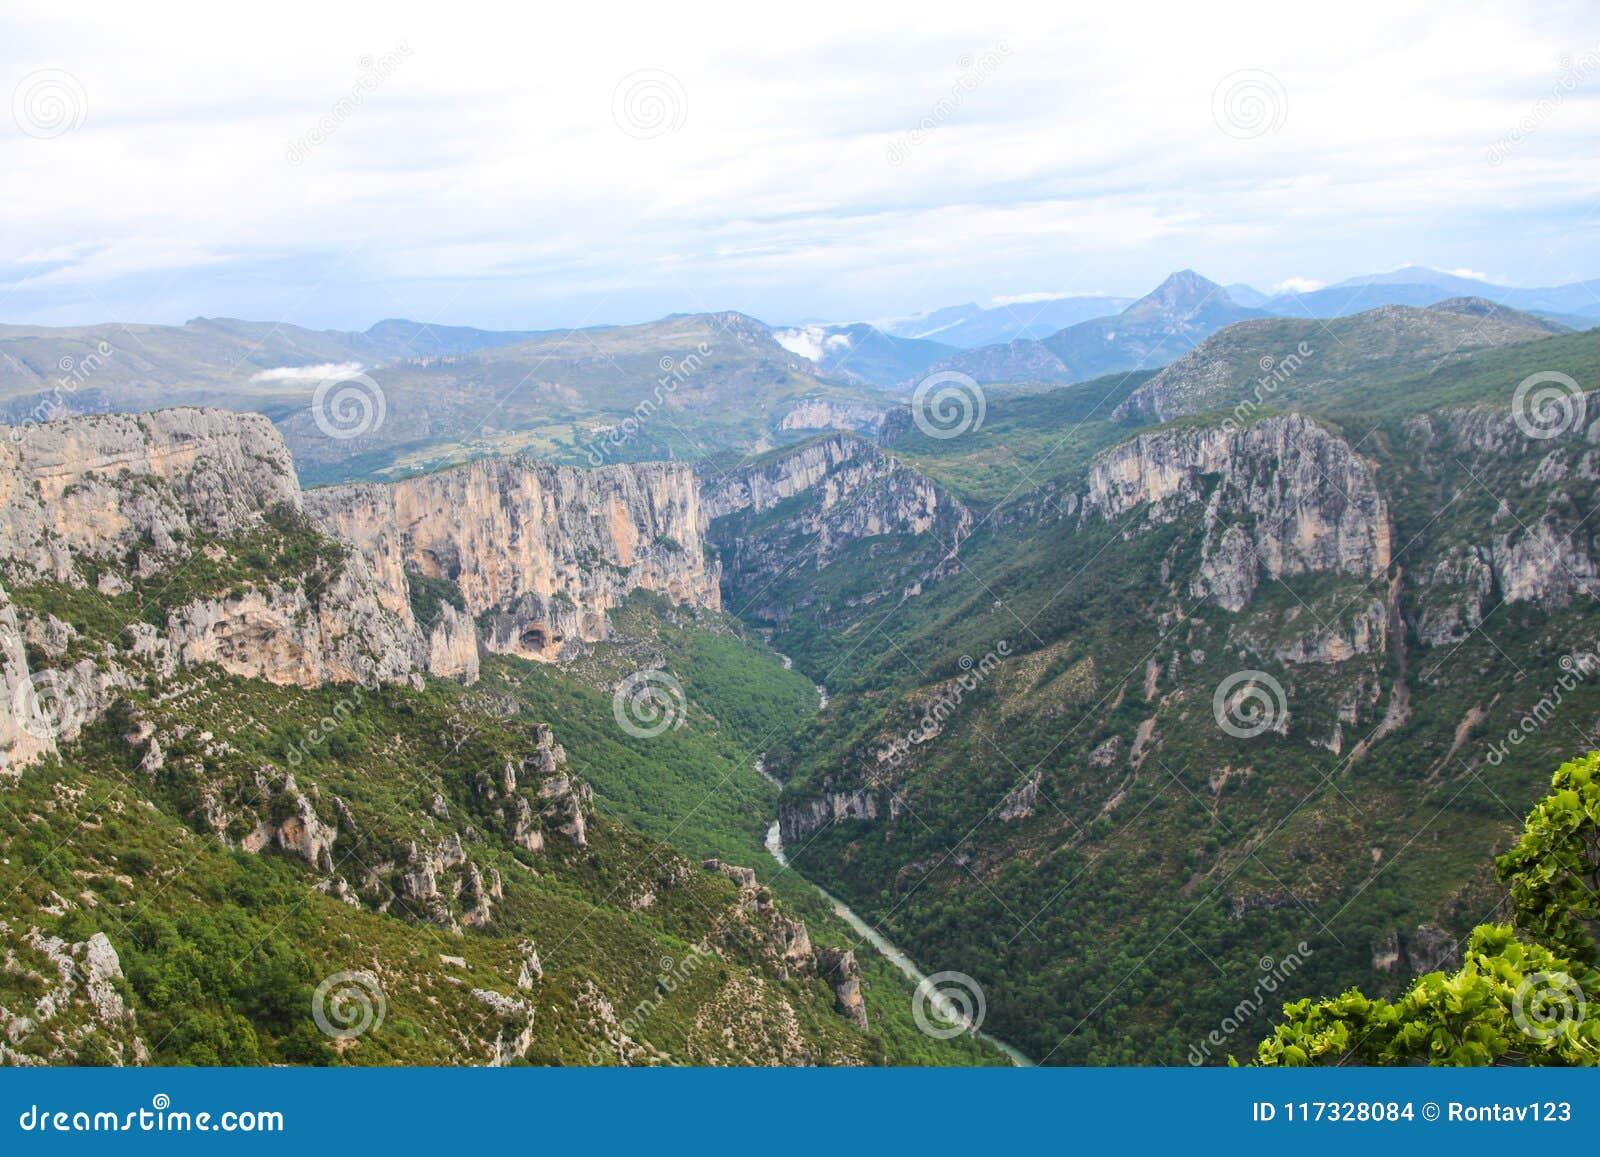 Français de canyon de Verdon : Gorges du Verdon, France du sud